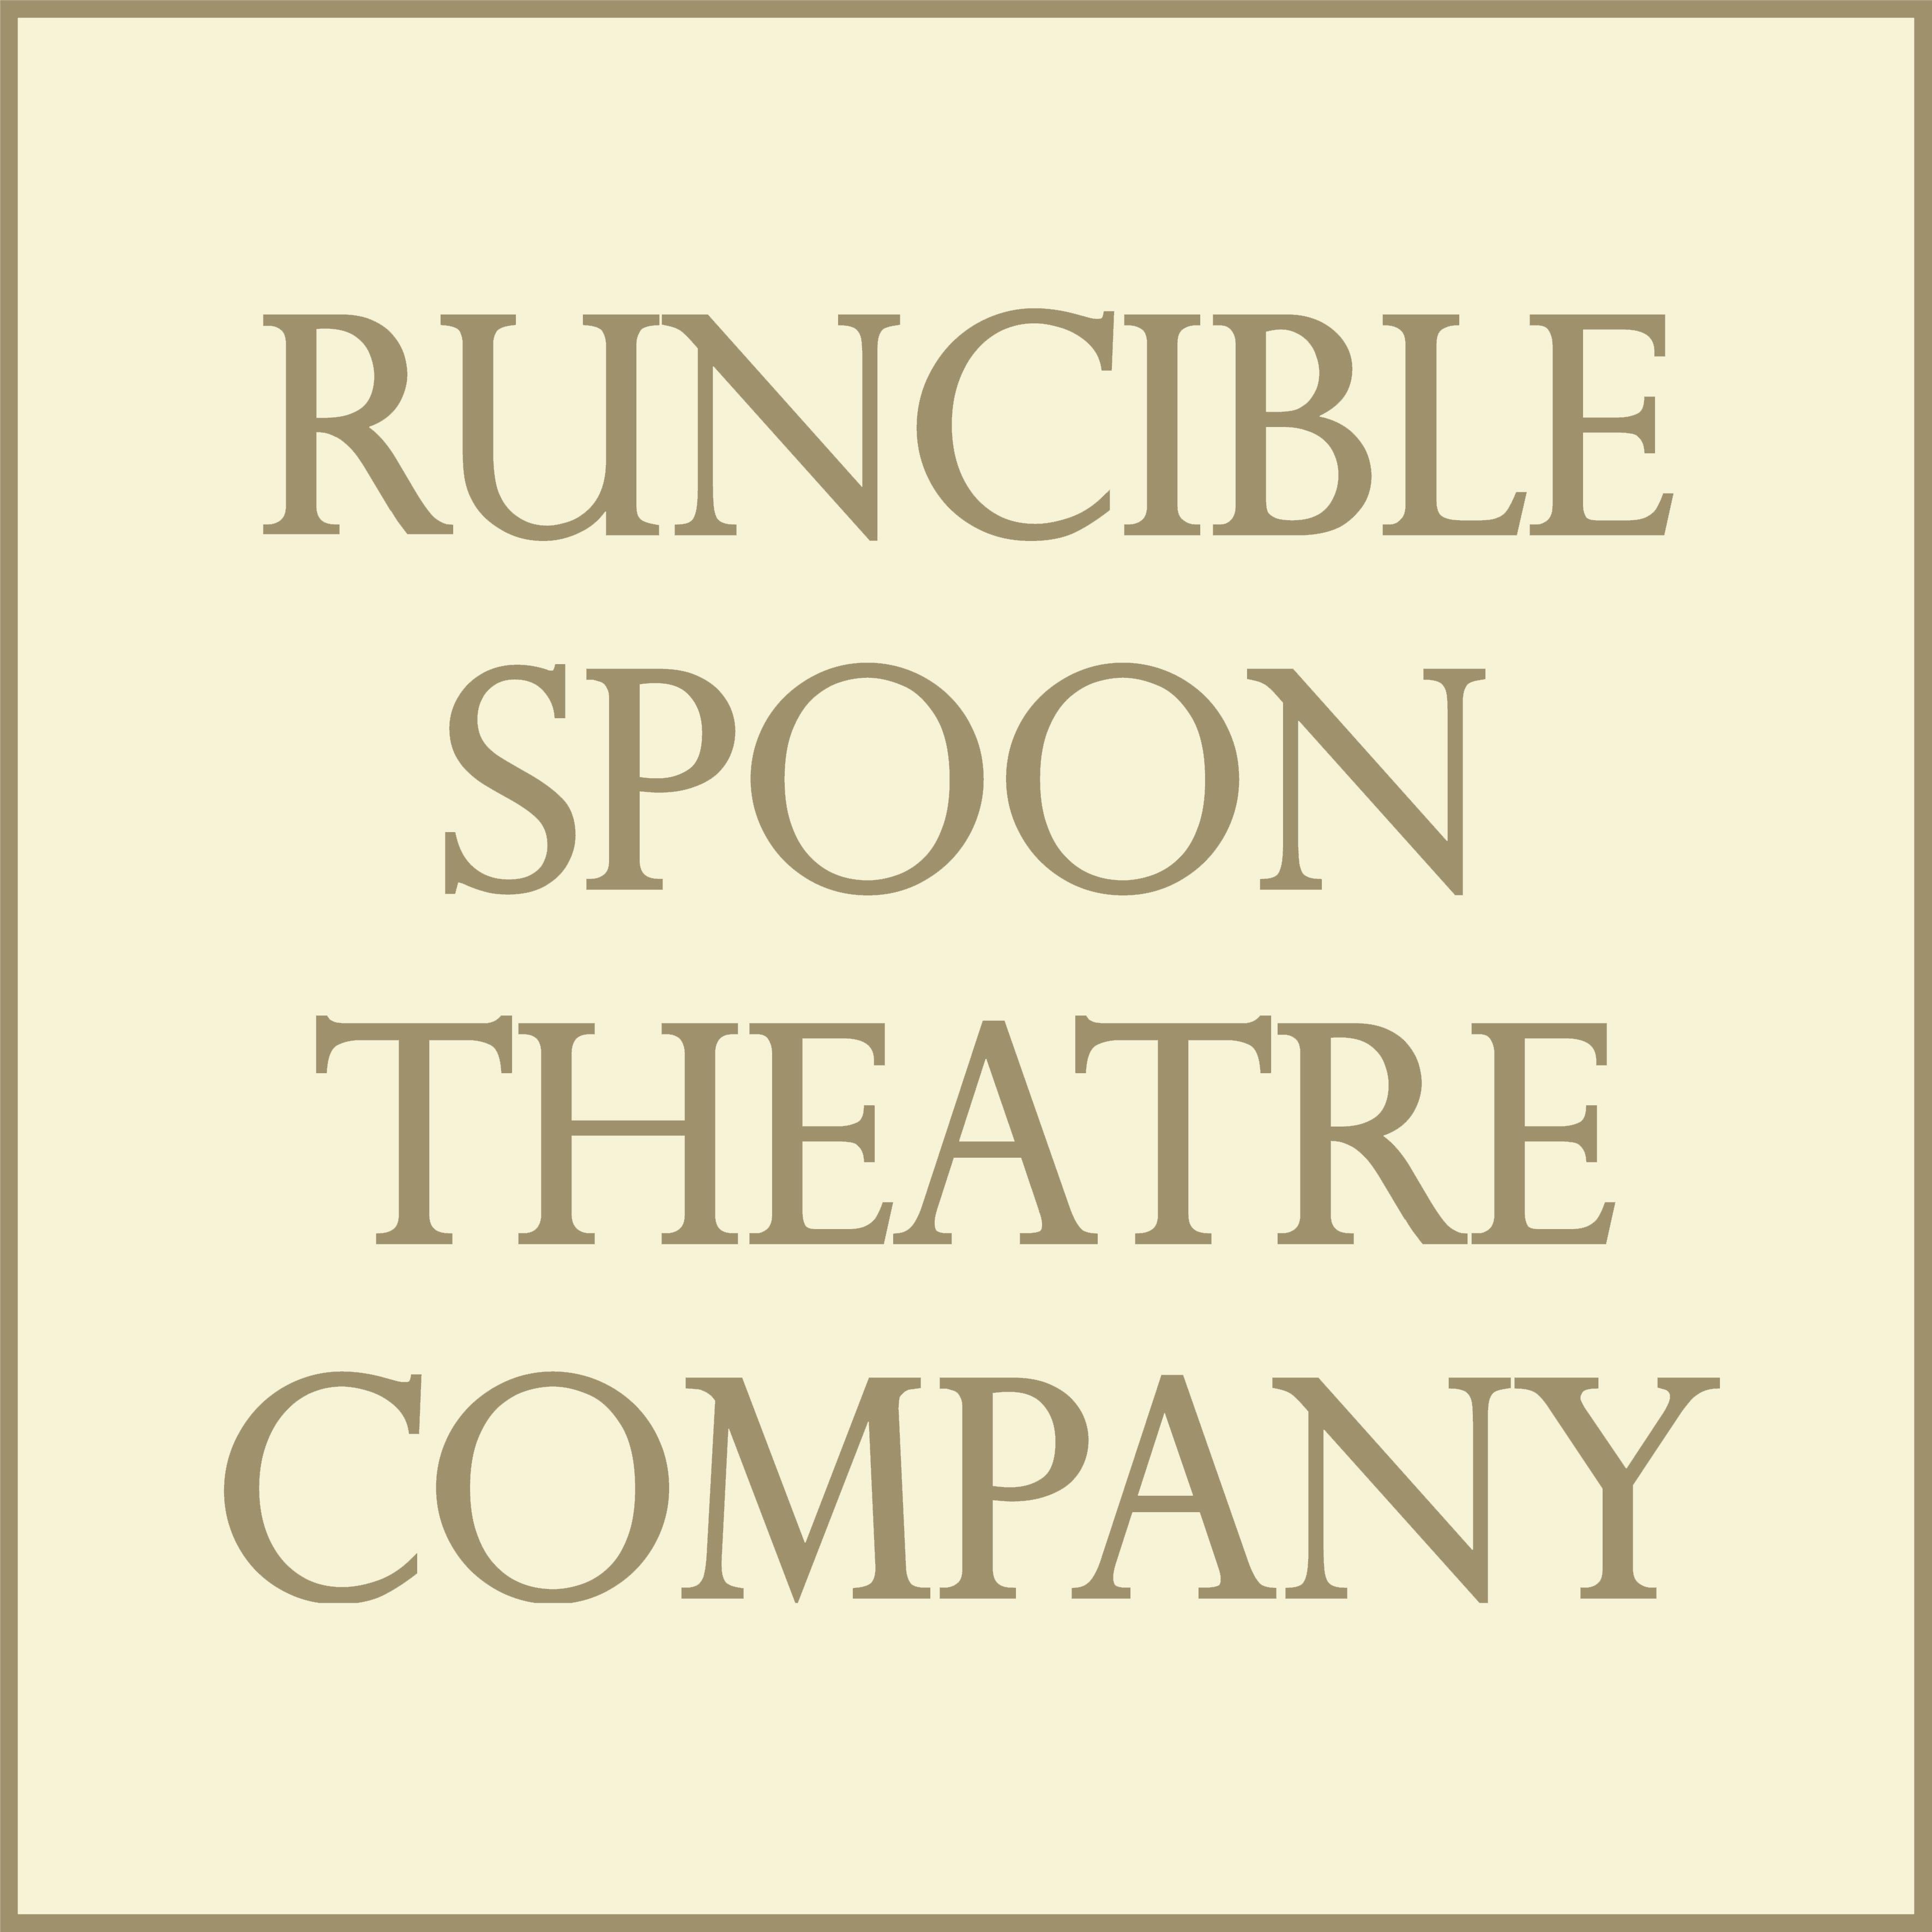 Runcible Spoon Theatre Company